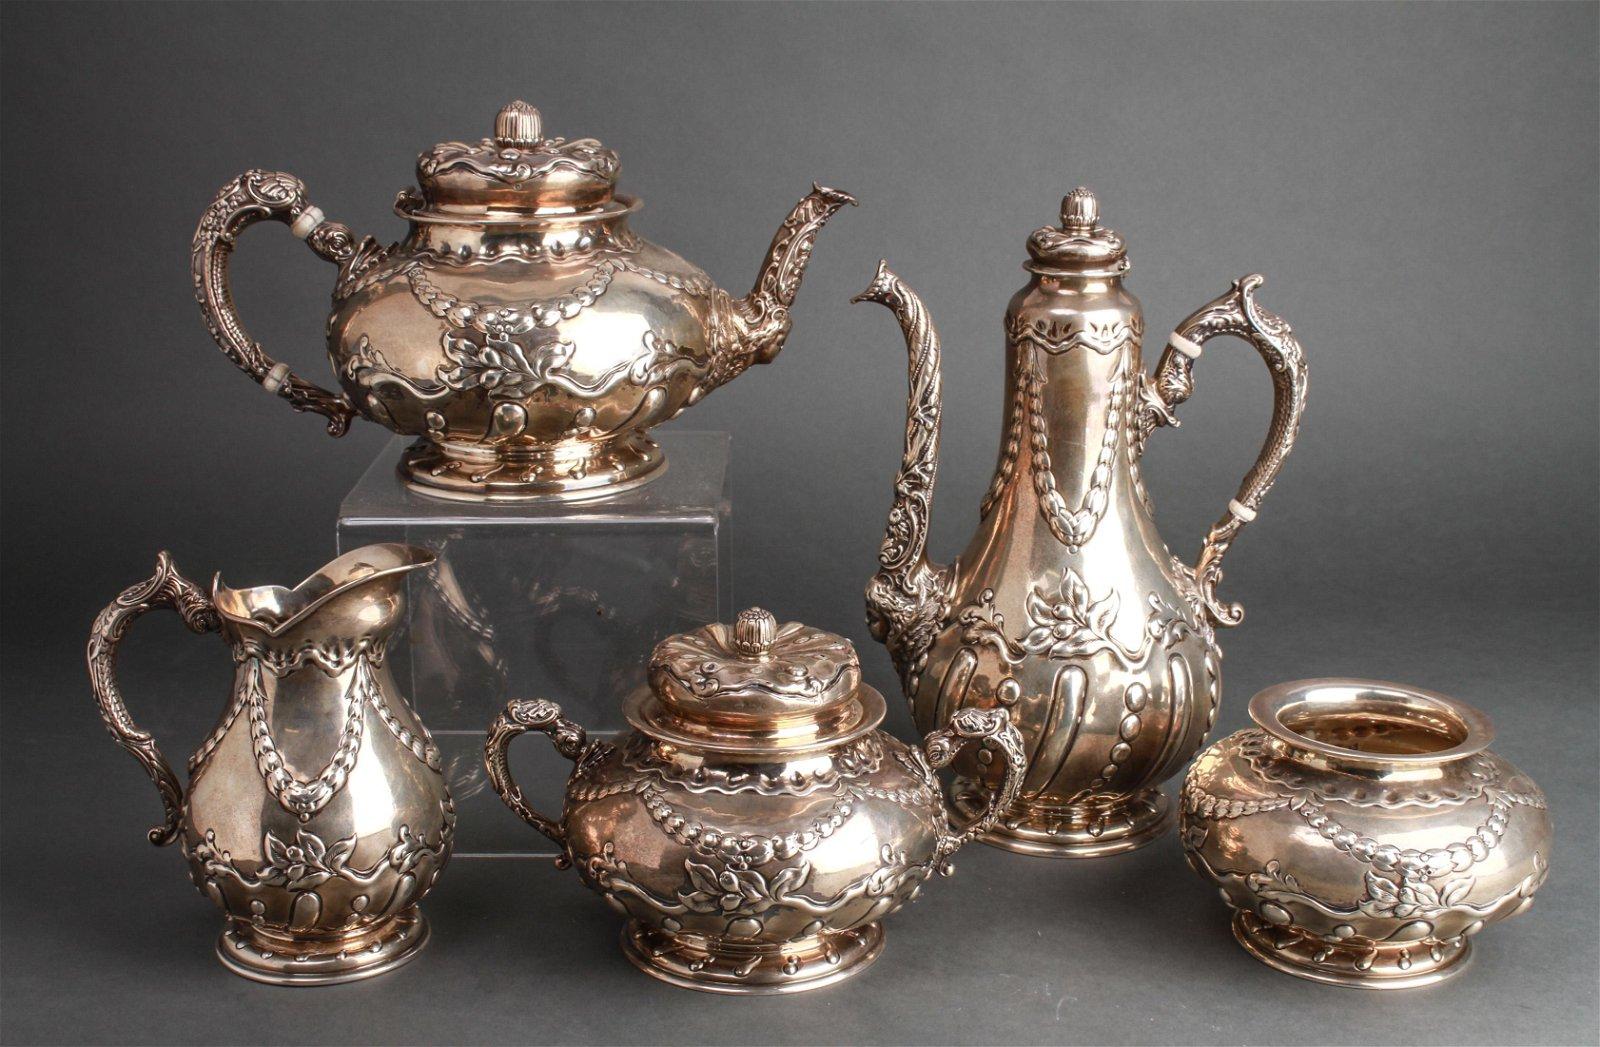 Art Nouveau Gorham Silver Ornate Tea Service 5 Pcs